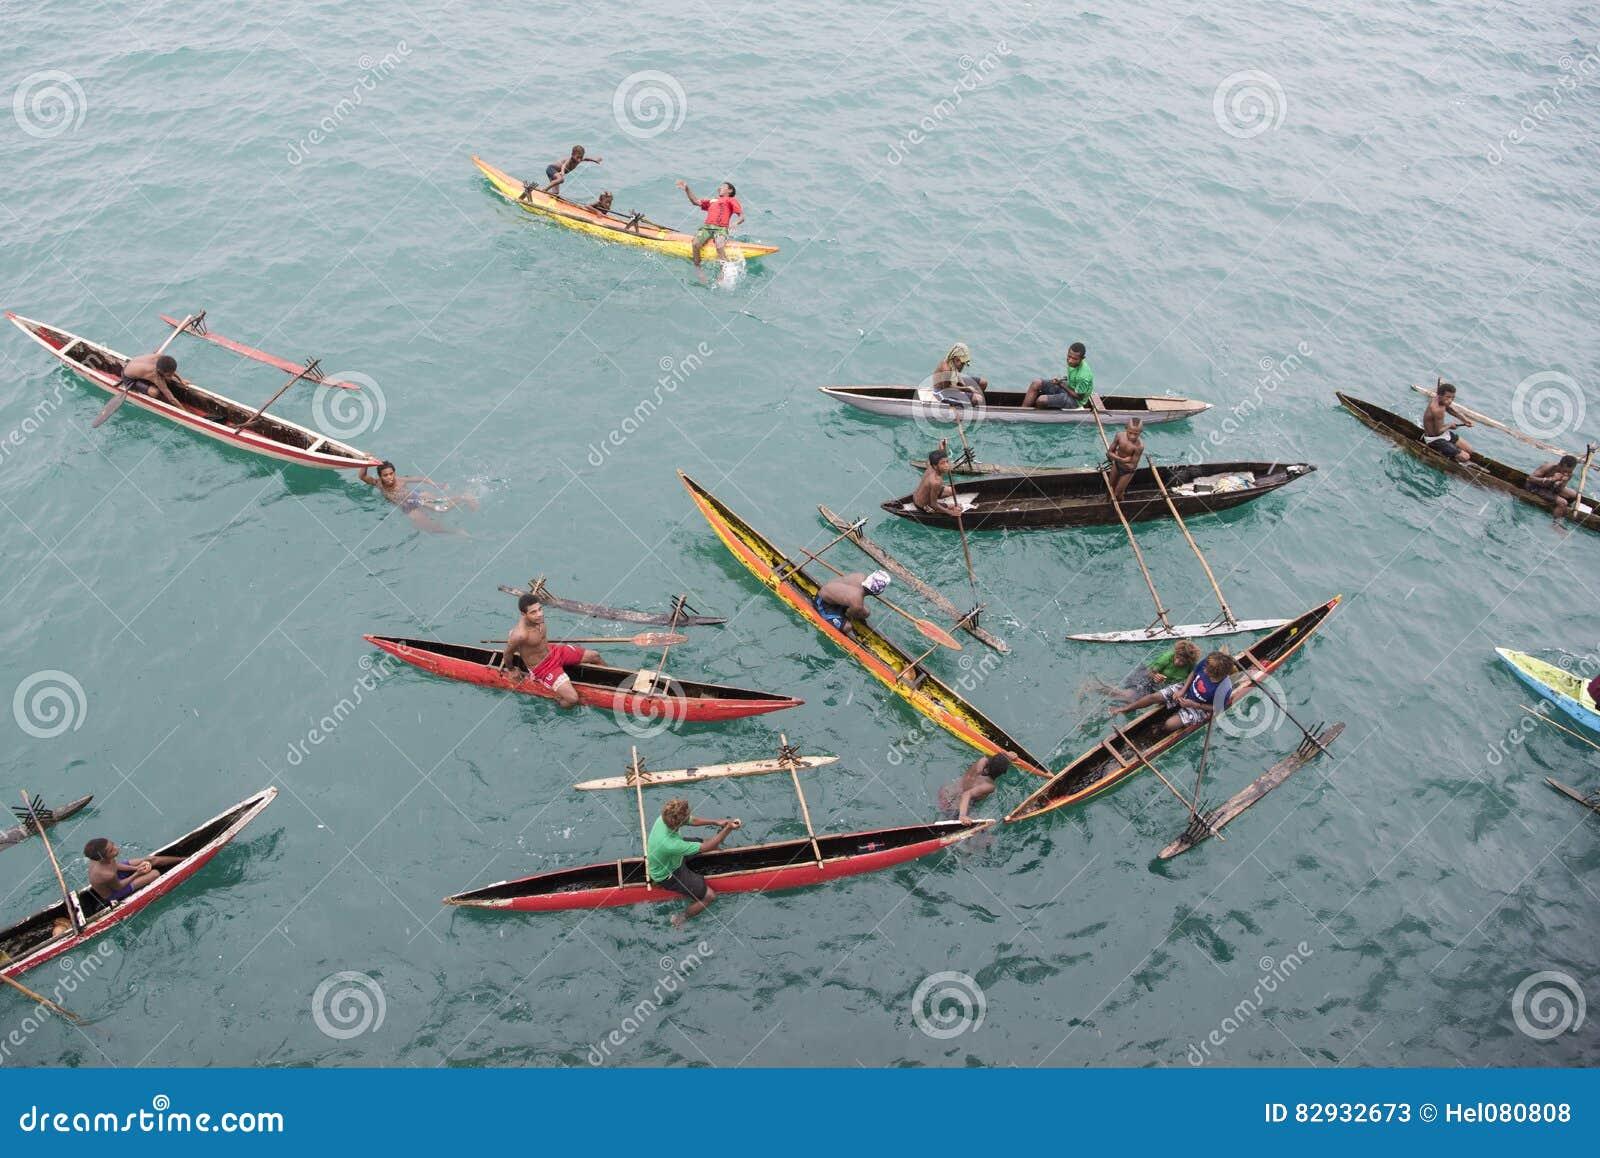 Mensen die van regen in kano s op Vreedzame Oceaan genieten